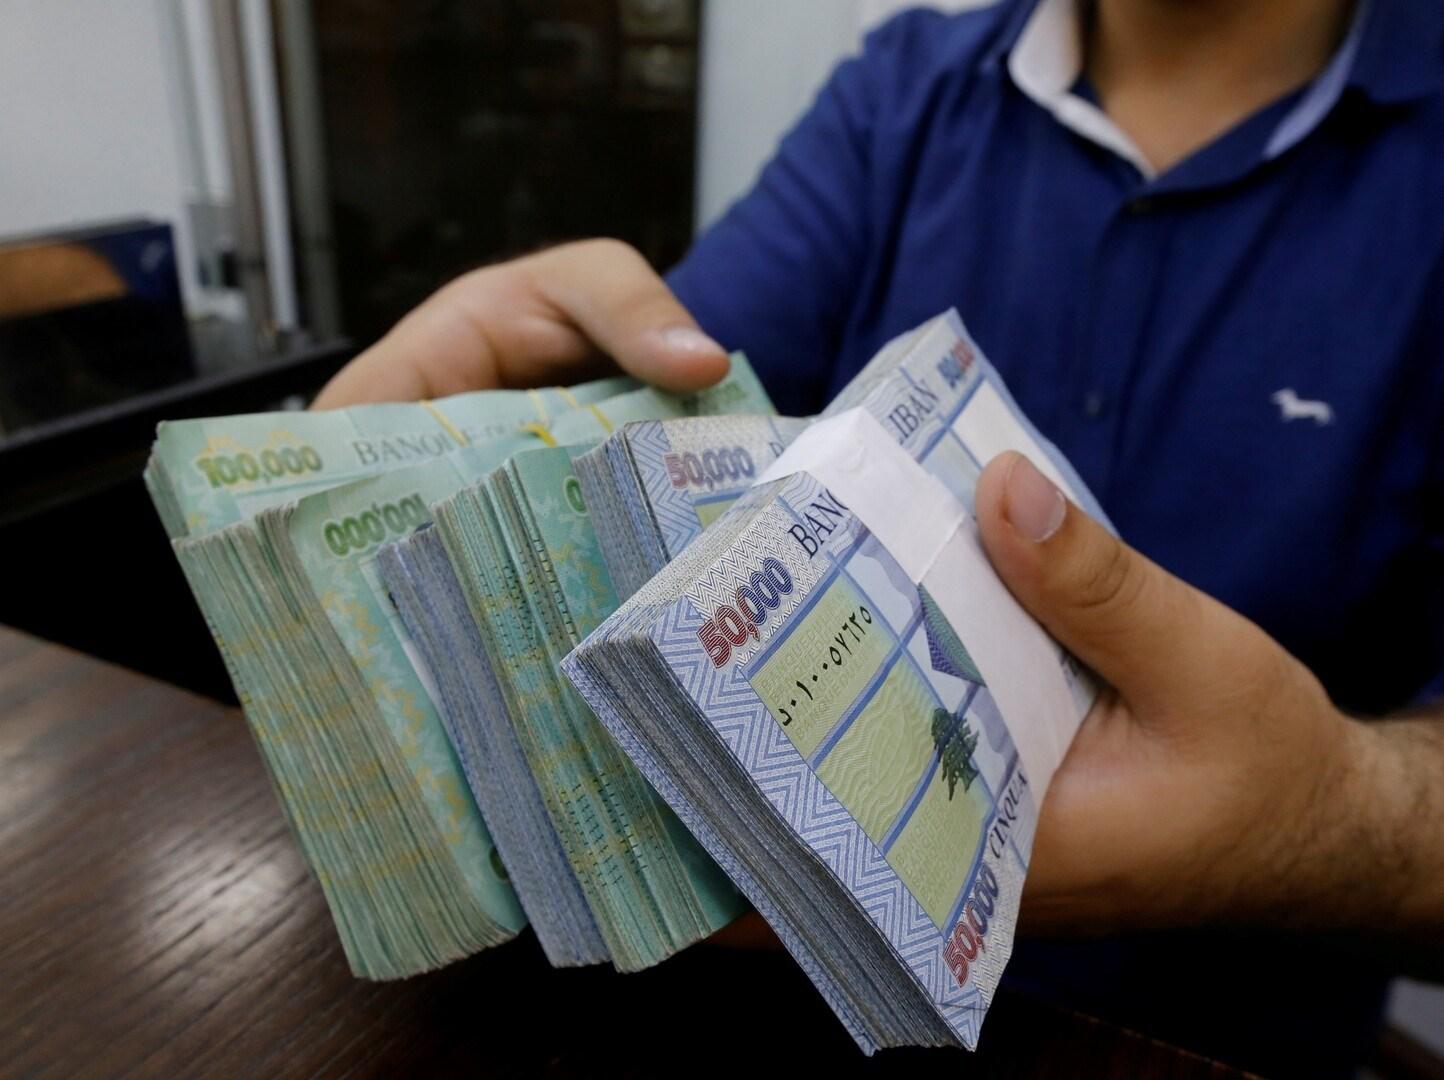 للمرة الأولى.. الليرة اللبنانية تهبط إلى أكثر من 3000 مقابل الدولار الأميركي